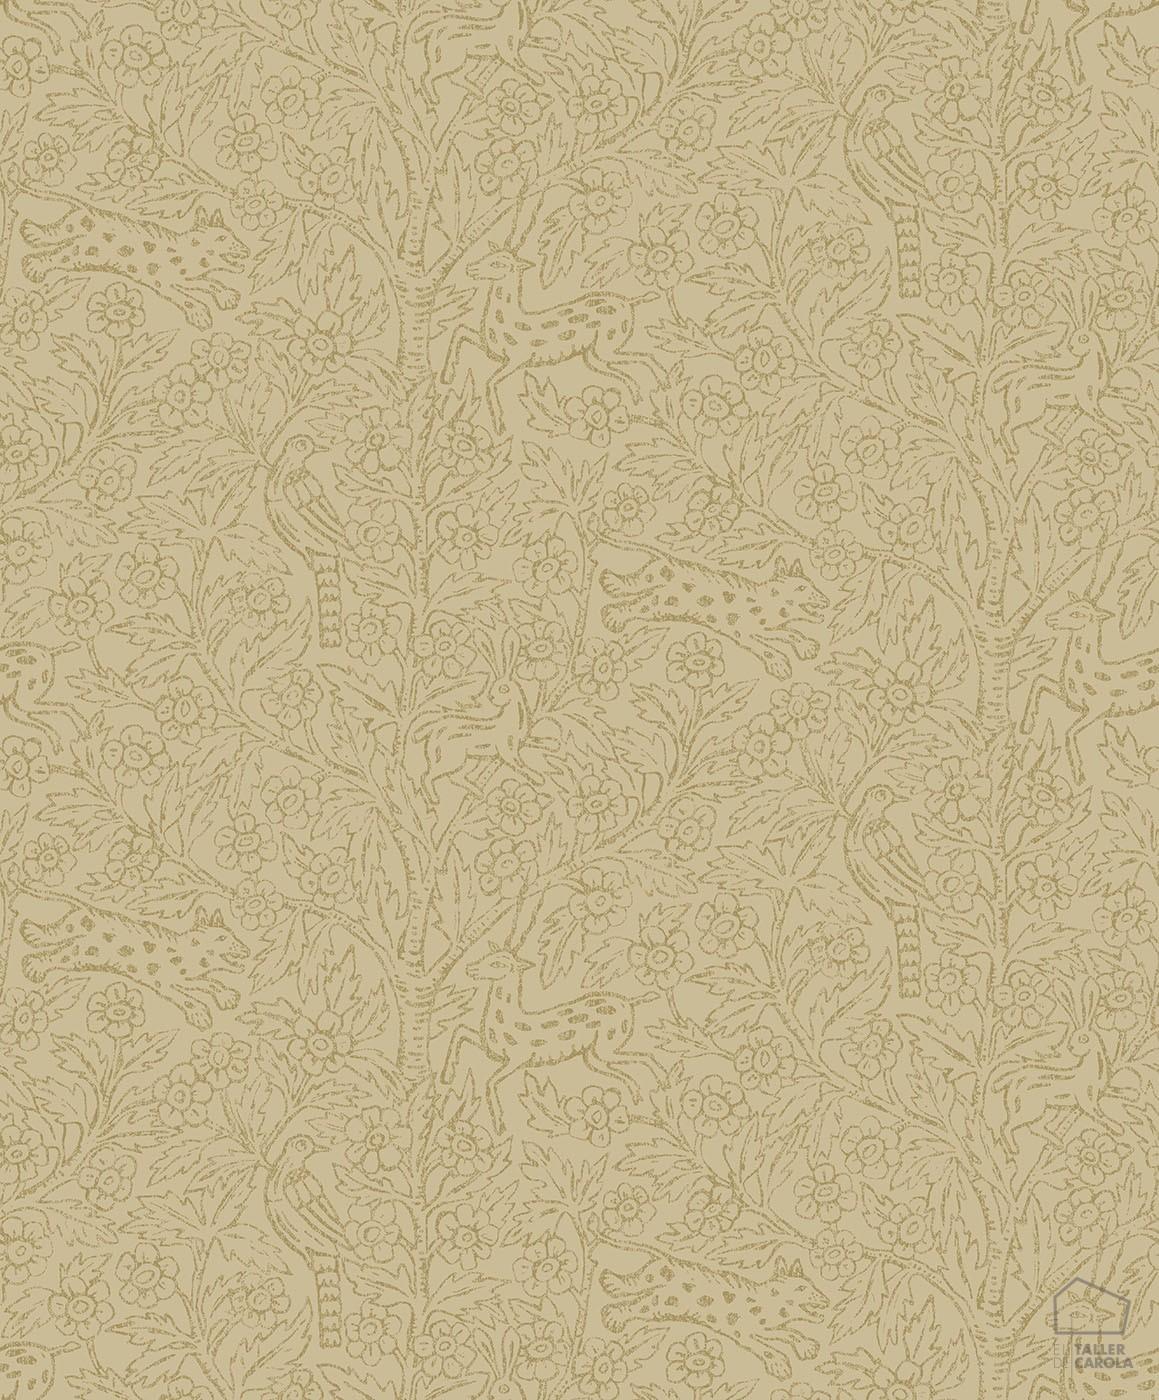 059fam2-ede827-32_1-papel-pintado-florecitas-animales-ocre-1